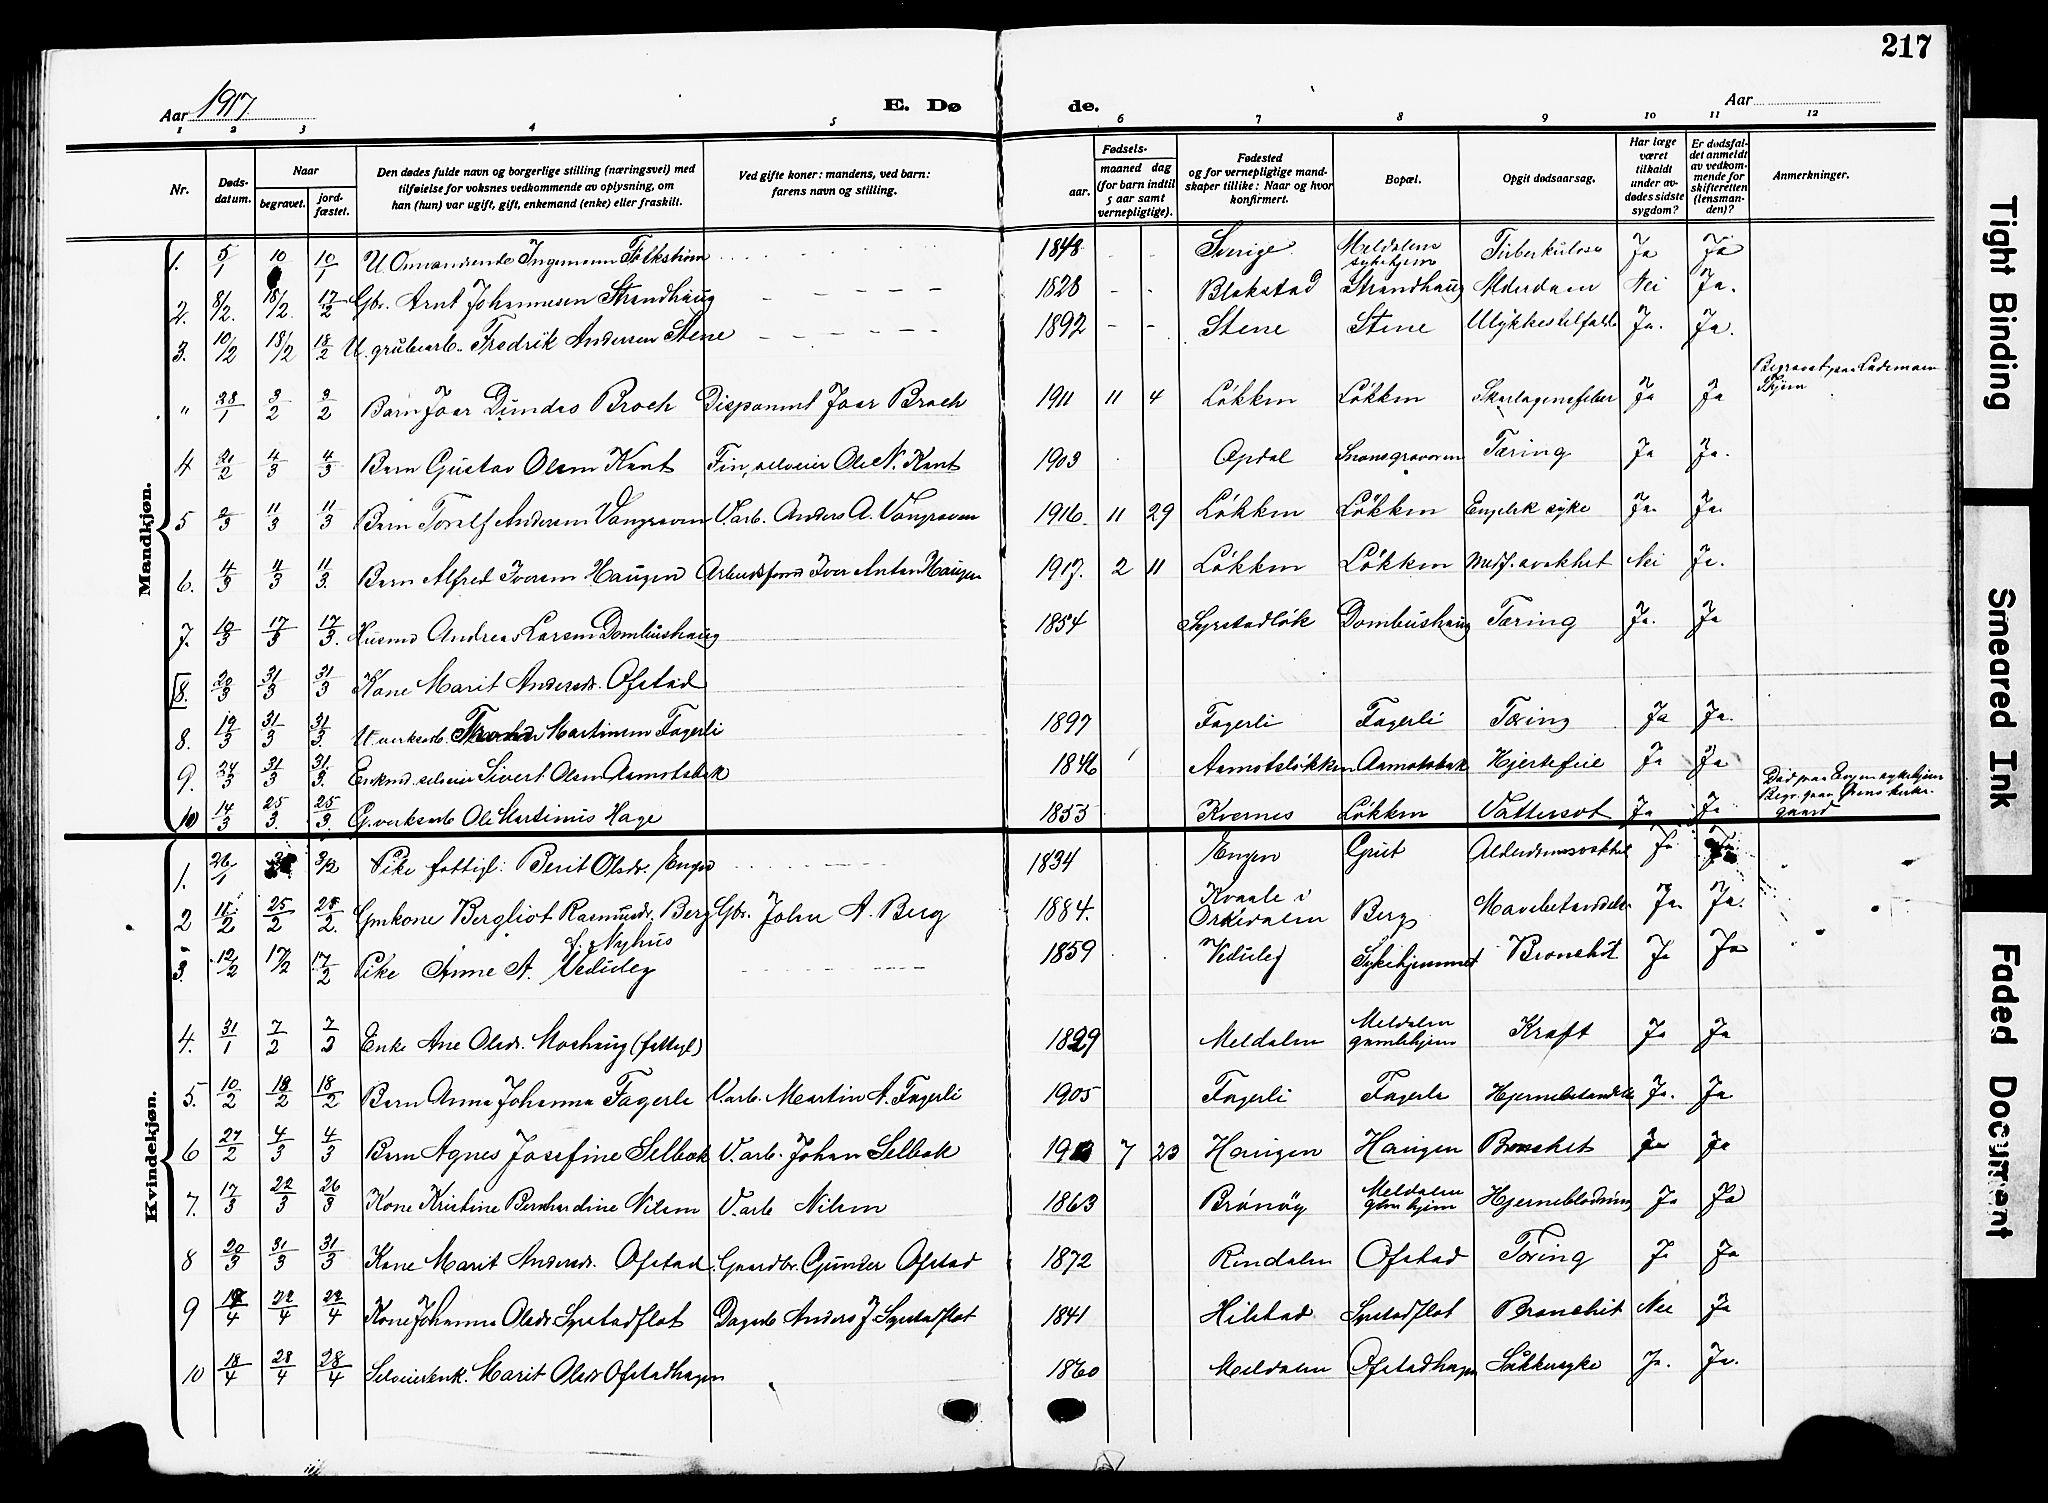 SAT, Ministerialprotokoller, klokkerbøker og fødselsregistre - Sør-Trøndelag, 672/L0865: Klokkerbok nr. 672C04, 1914-1928, s. 217